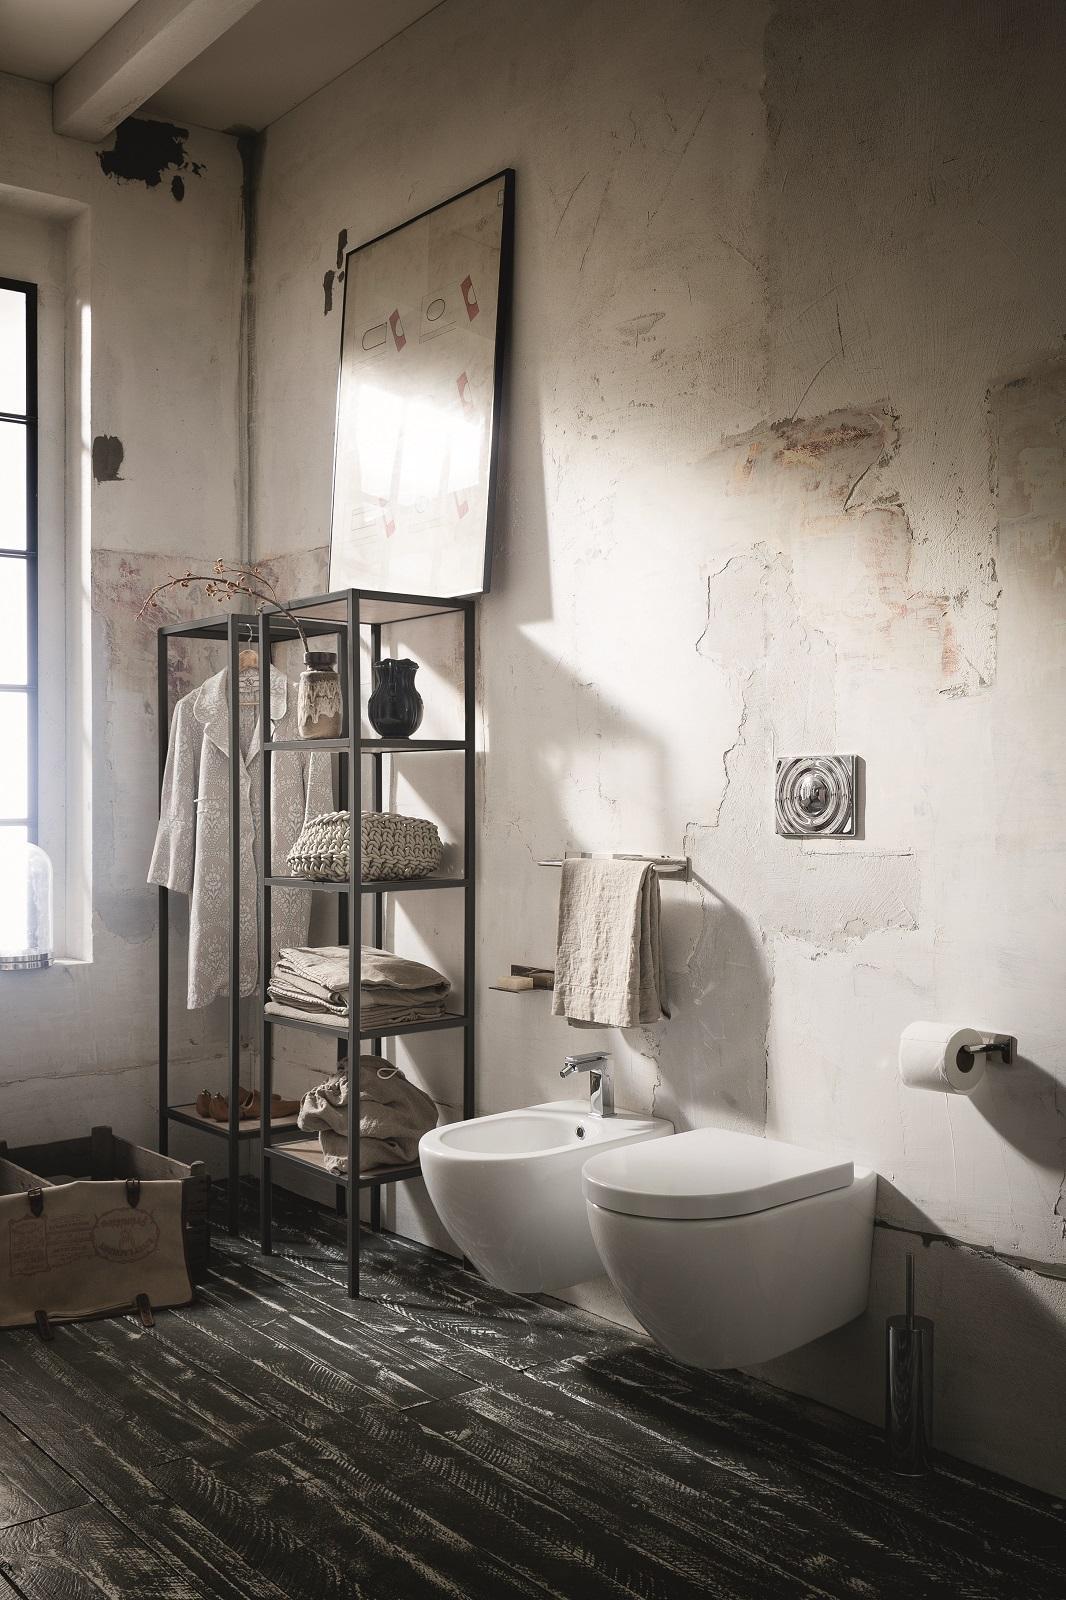 Muretto Per Sanitari Sospesi sanitari sospesi, tra mode e praticità per bagni piccoli